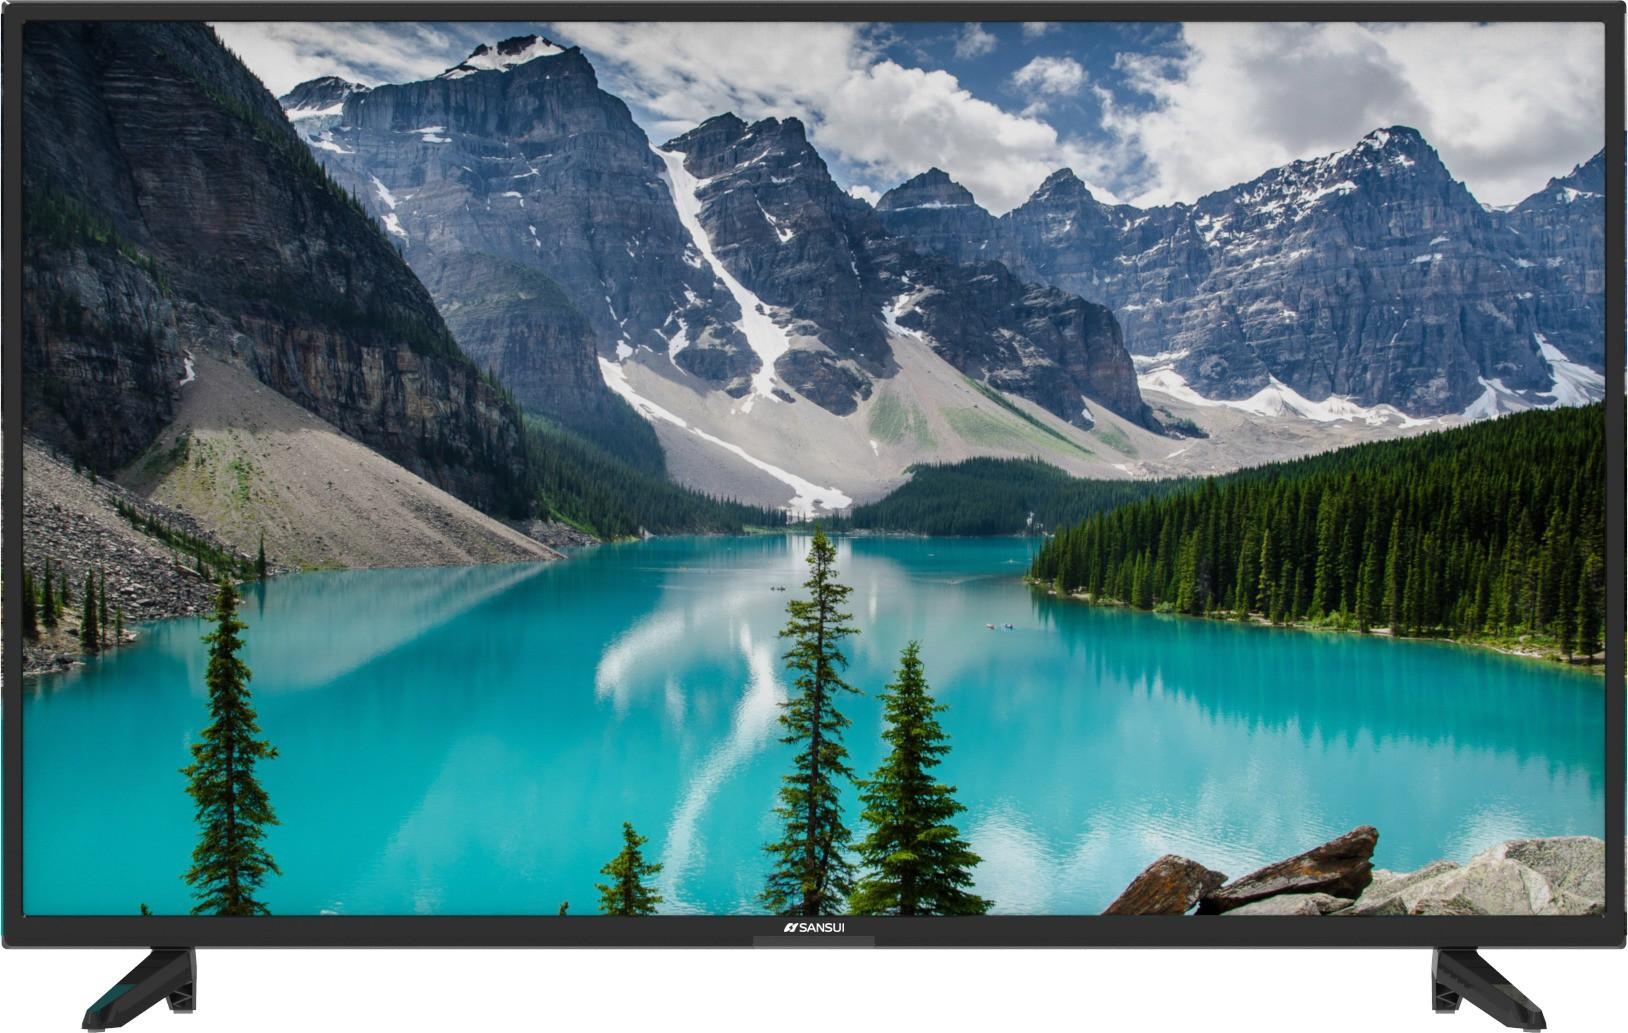 Sansui 127cm (50) Full HD LED TV(SNX50FH24X/LEDTVSNX50FH24XAF, 3 x HDMI, 2 x USB)